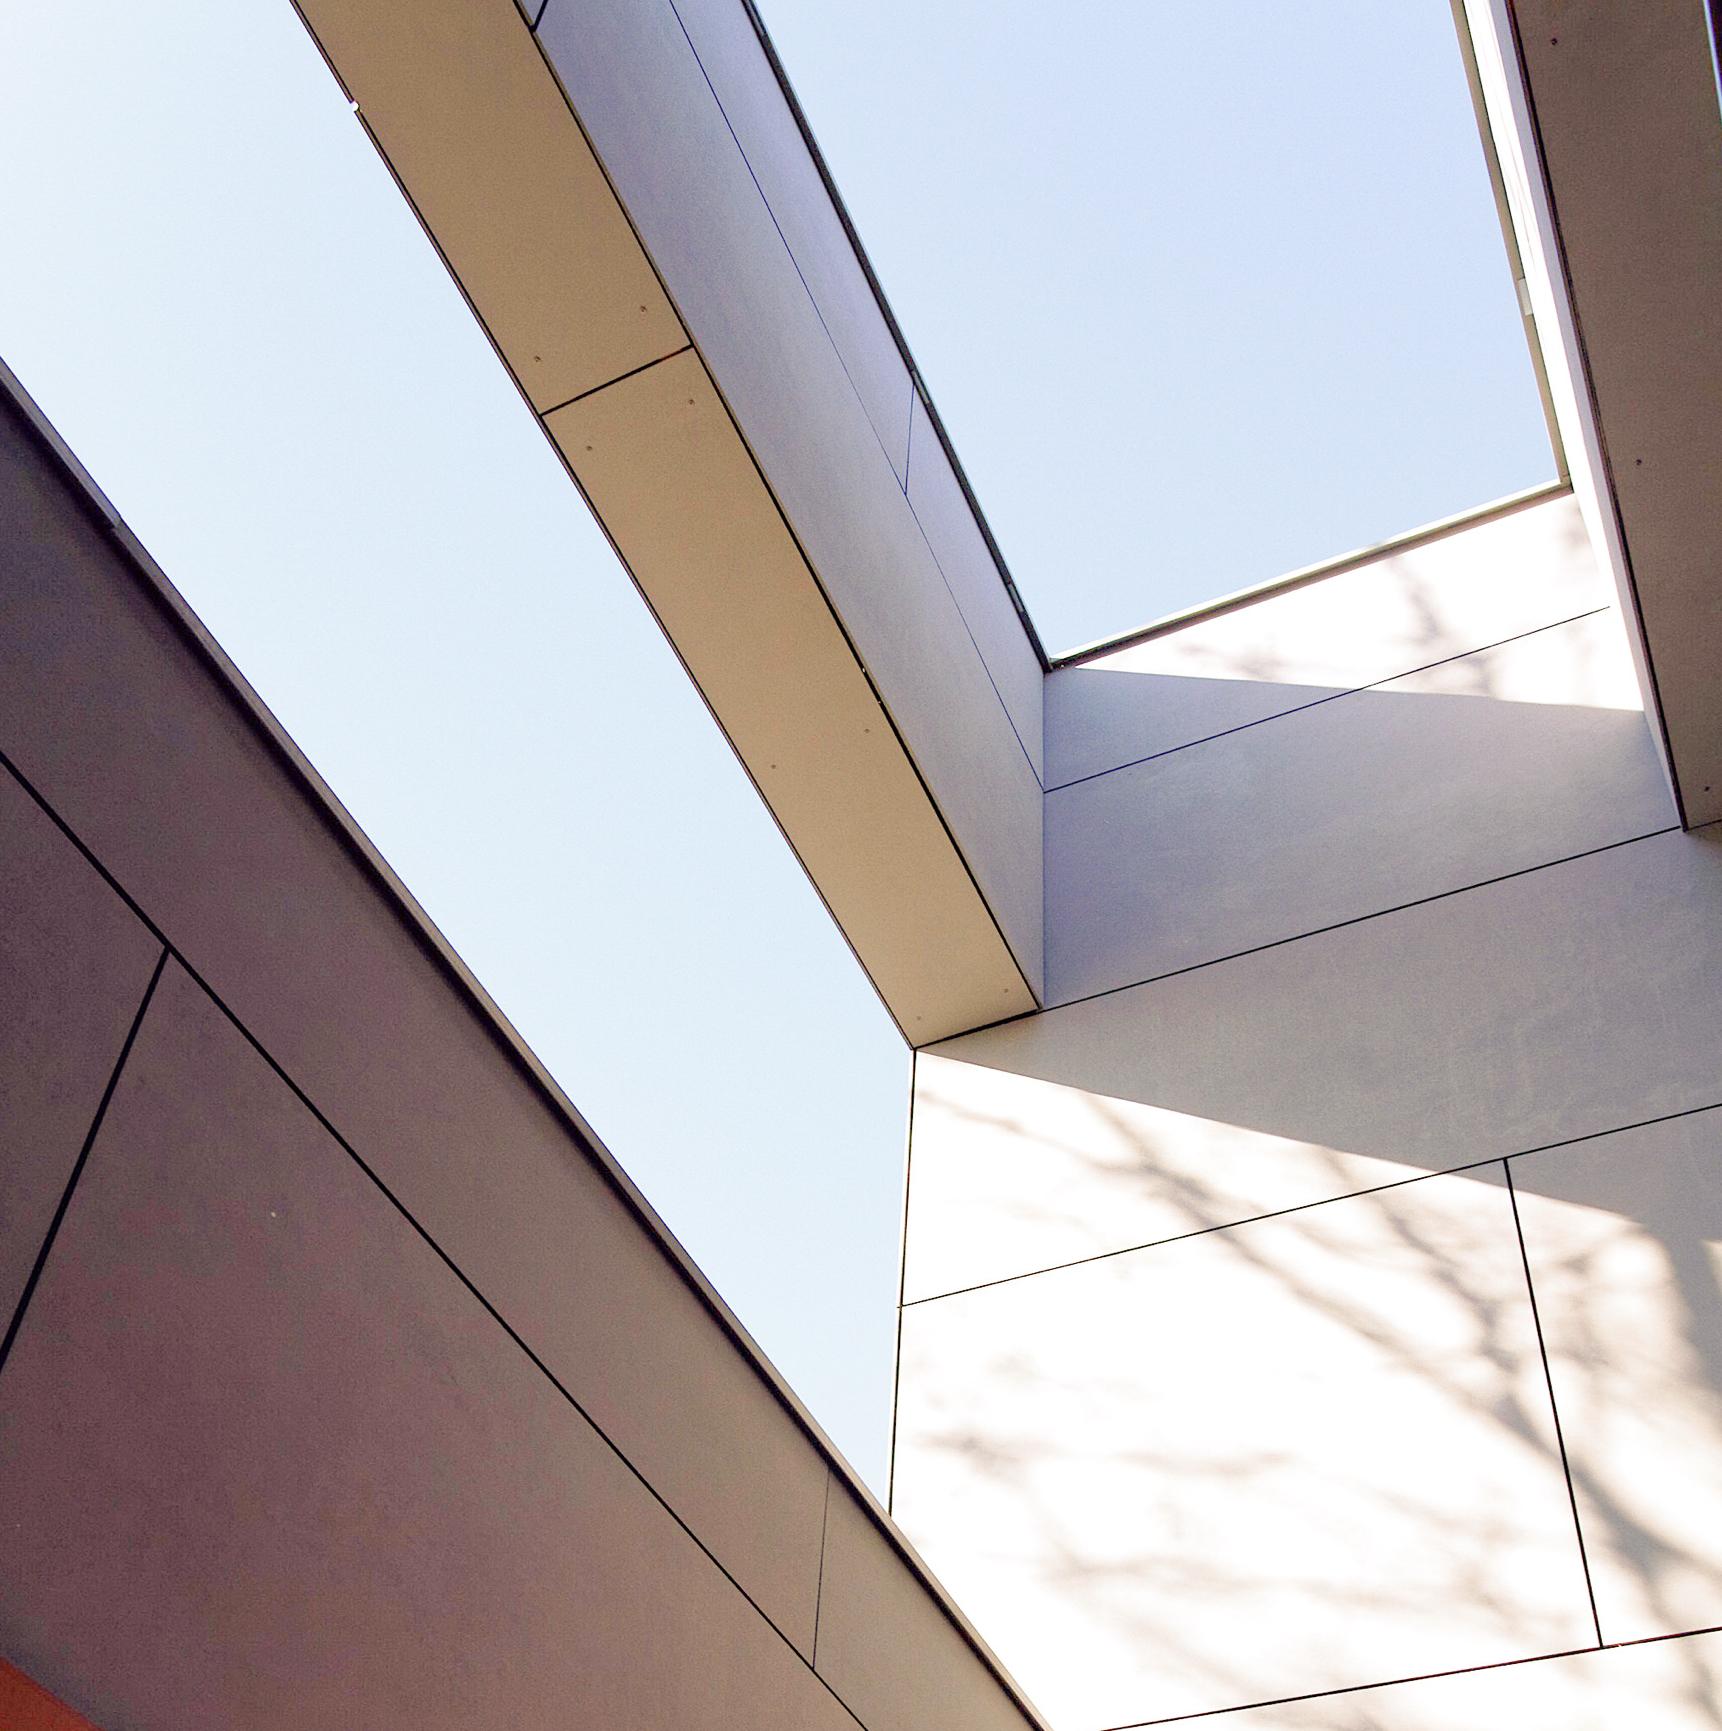 Détail Façade CIC Aucamville- rénovation de façade d'une agence bancaire- architectes toulouse